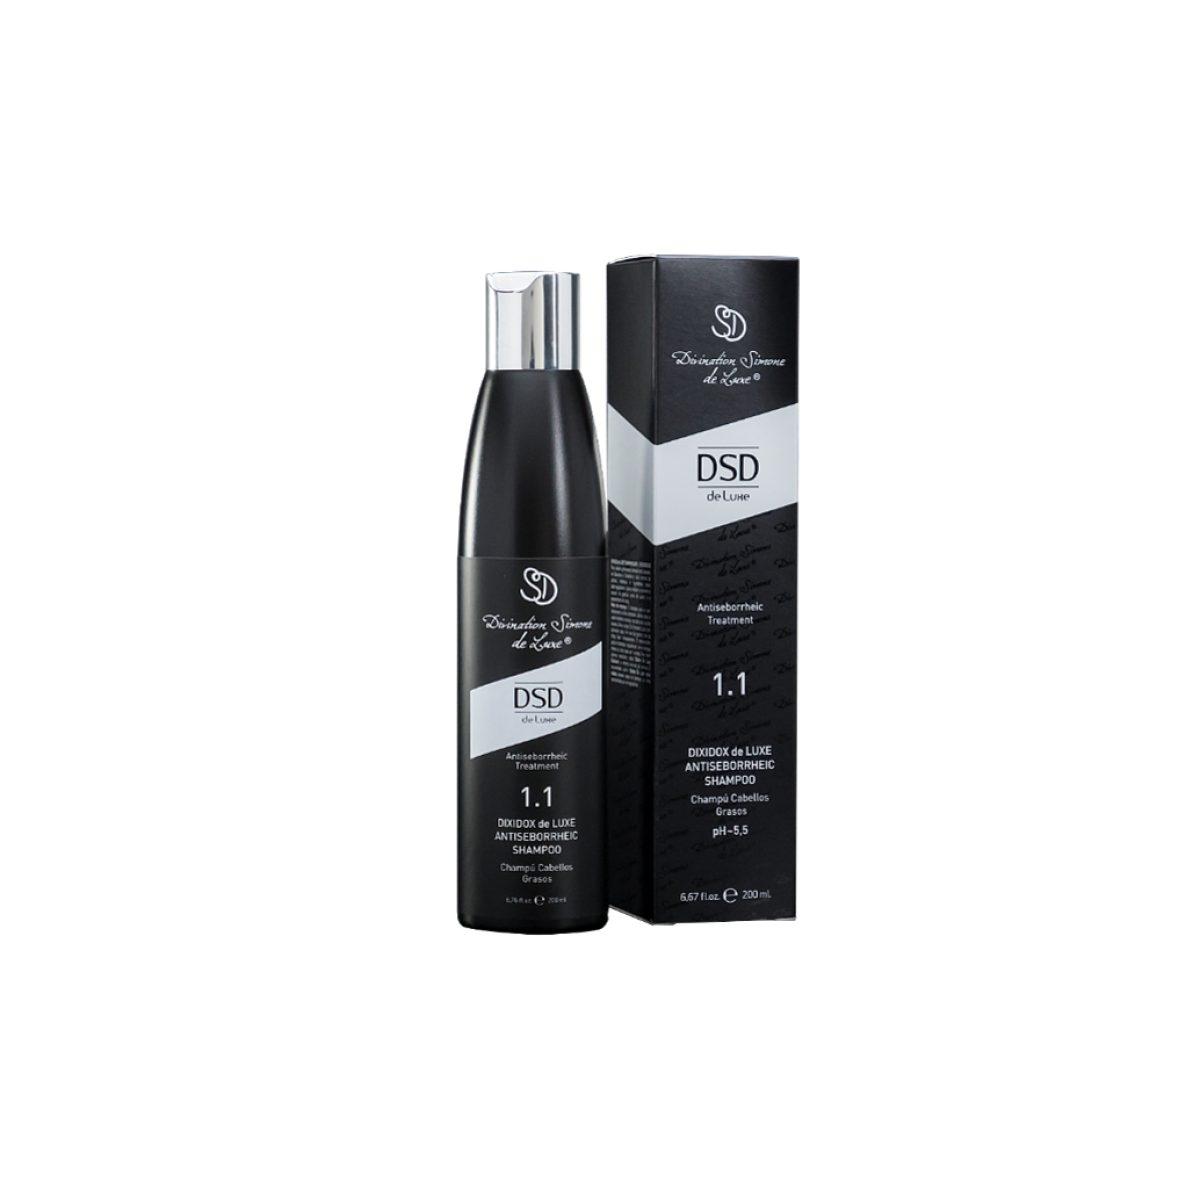 DSD De Luxe 1.1 Dixidox de Luxe Antiseborrheic Shampoo